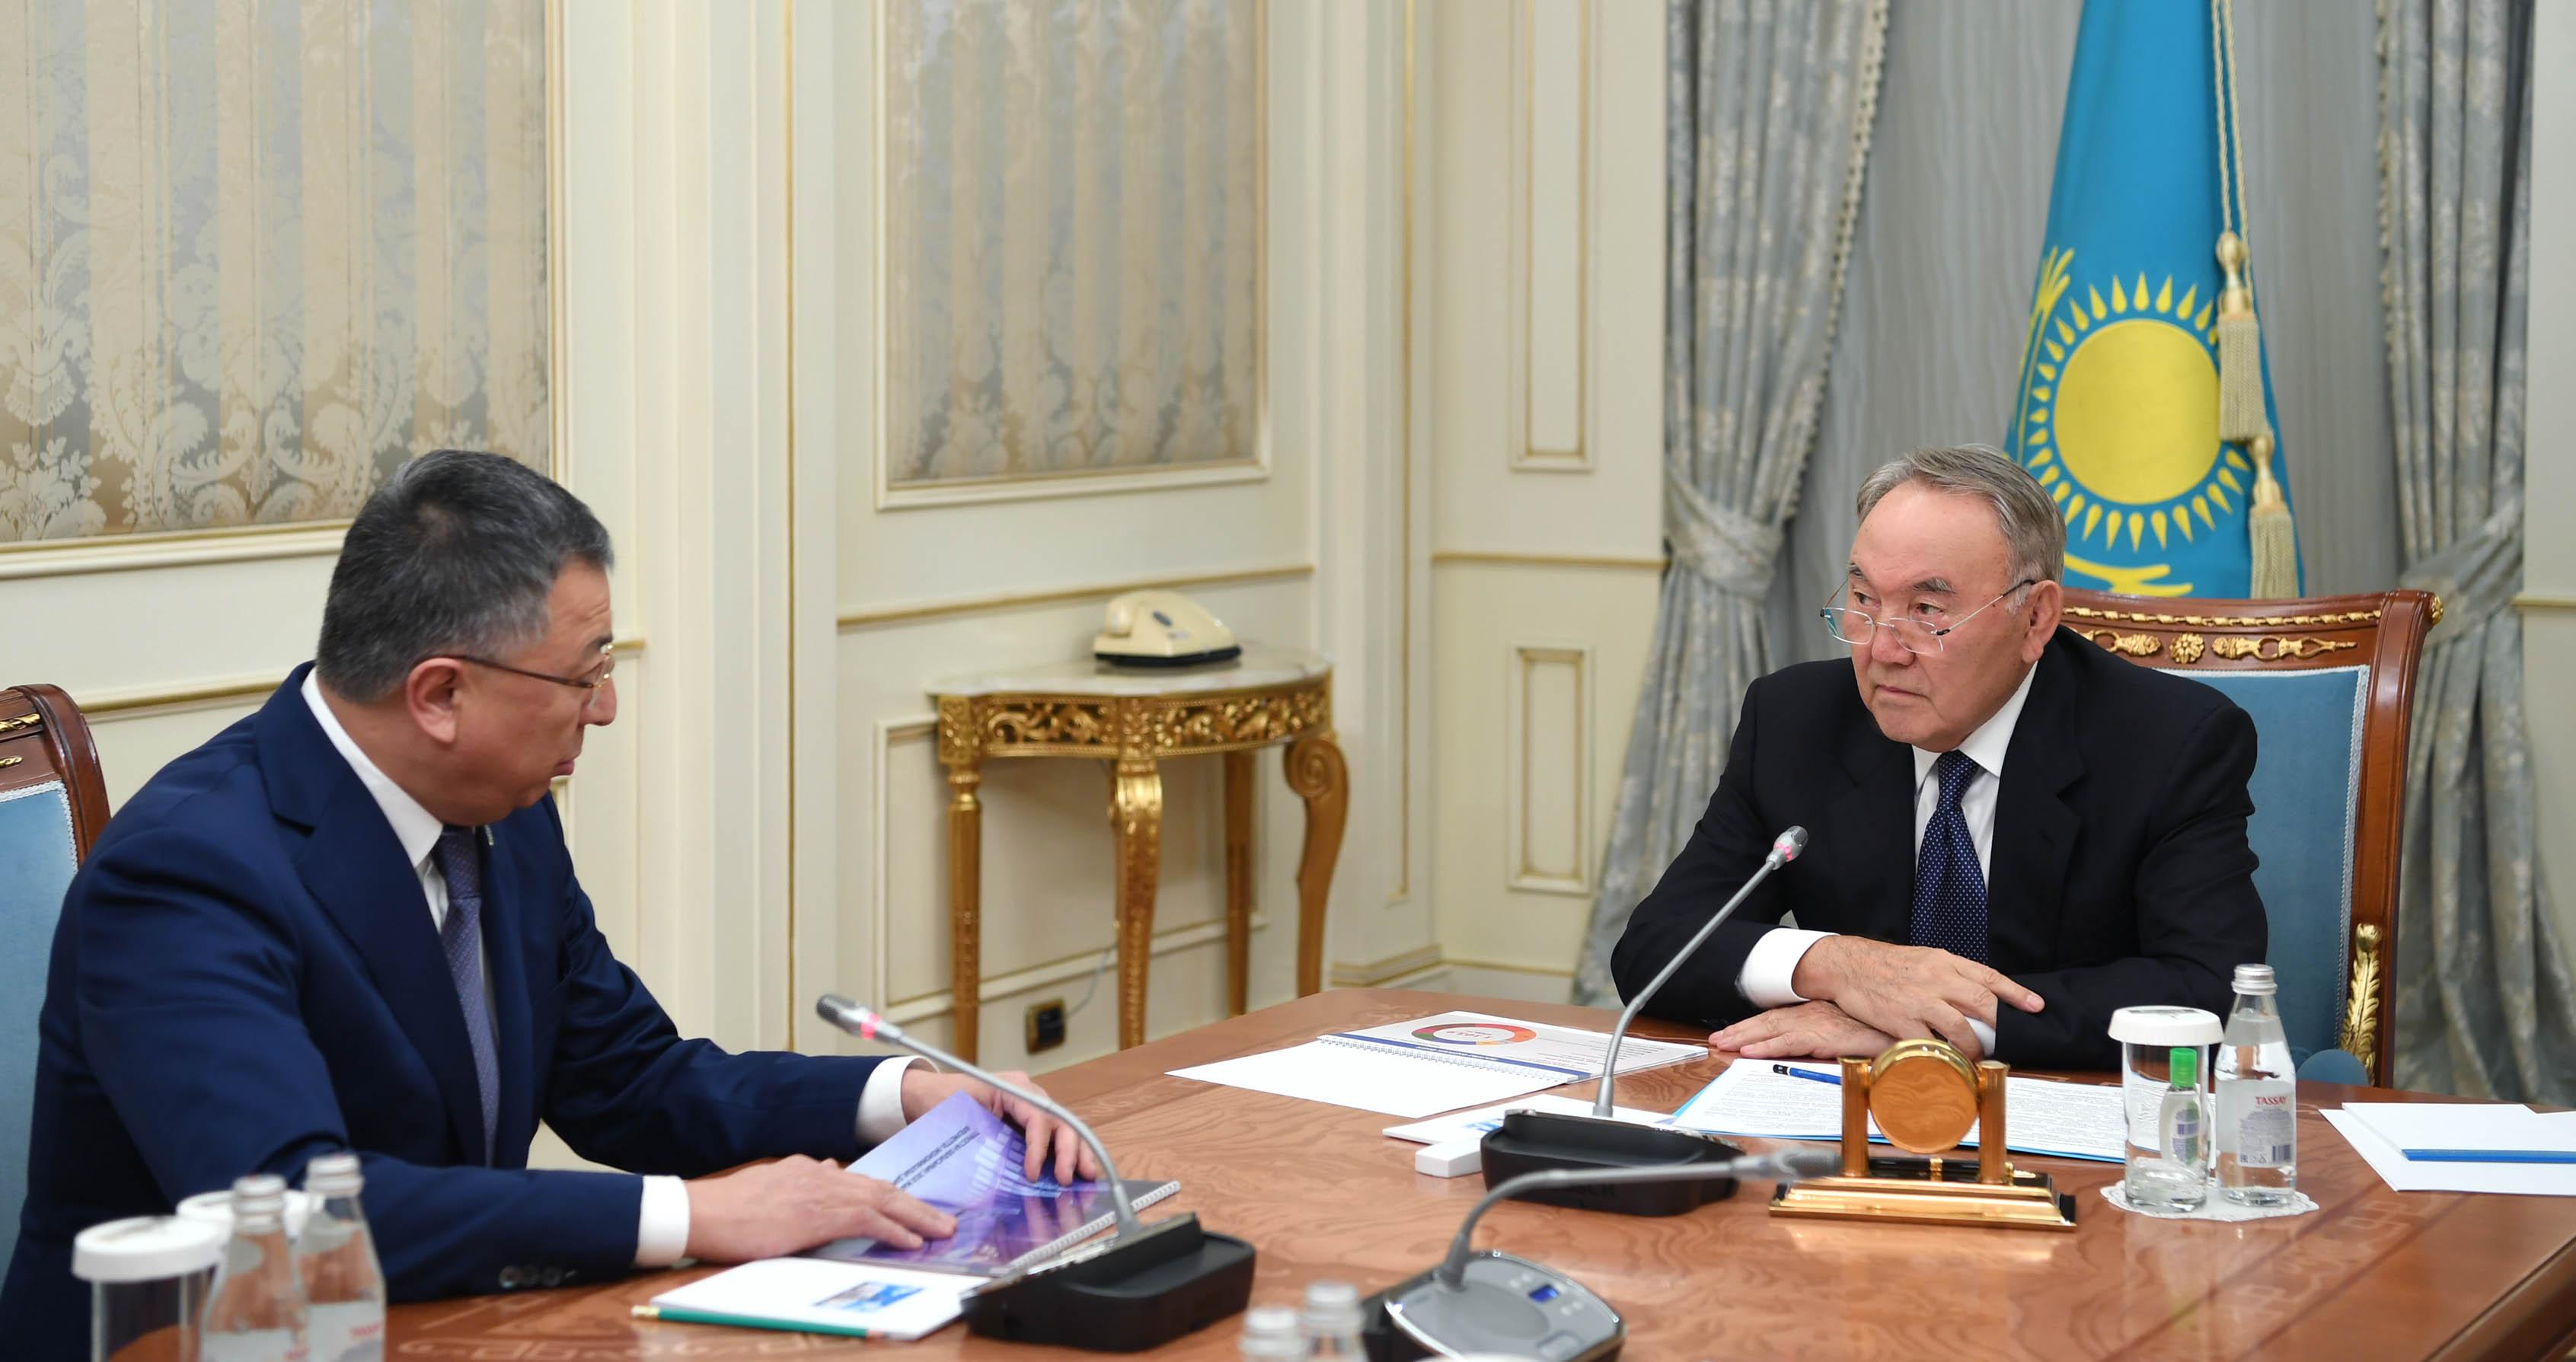 Нұрсұлтан Назарбаев Түймебаевқа құрылыс қарқынын бәсеңдетпеуді тапсырды